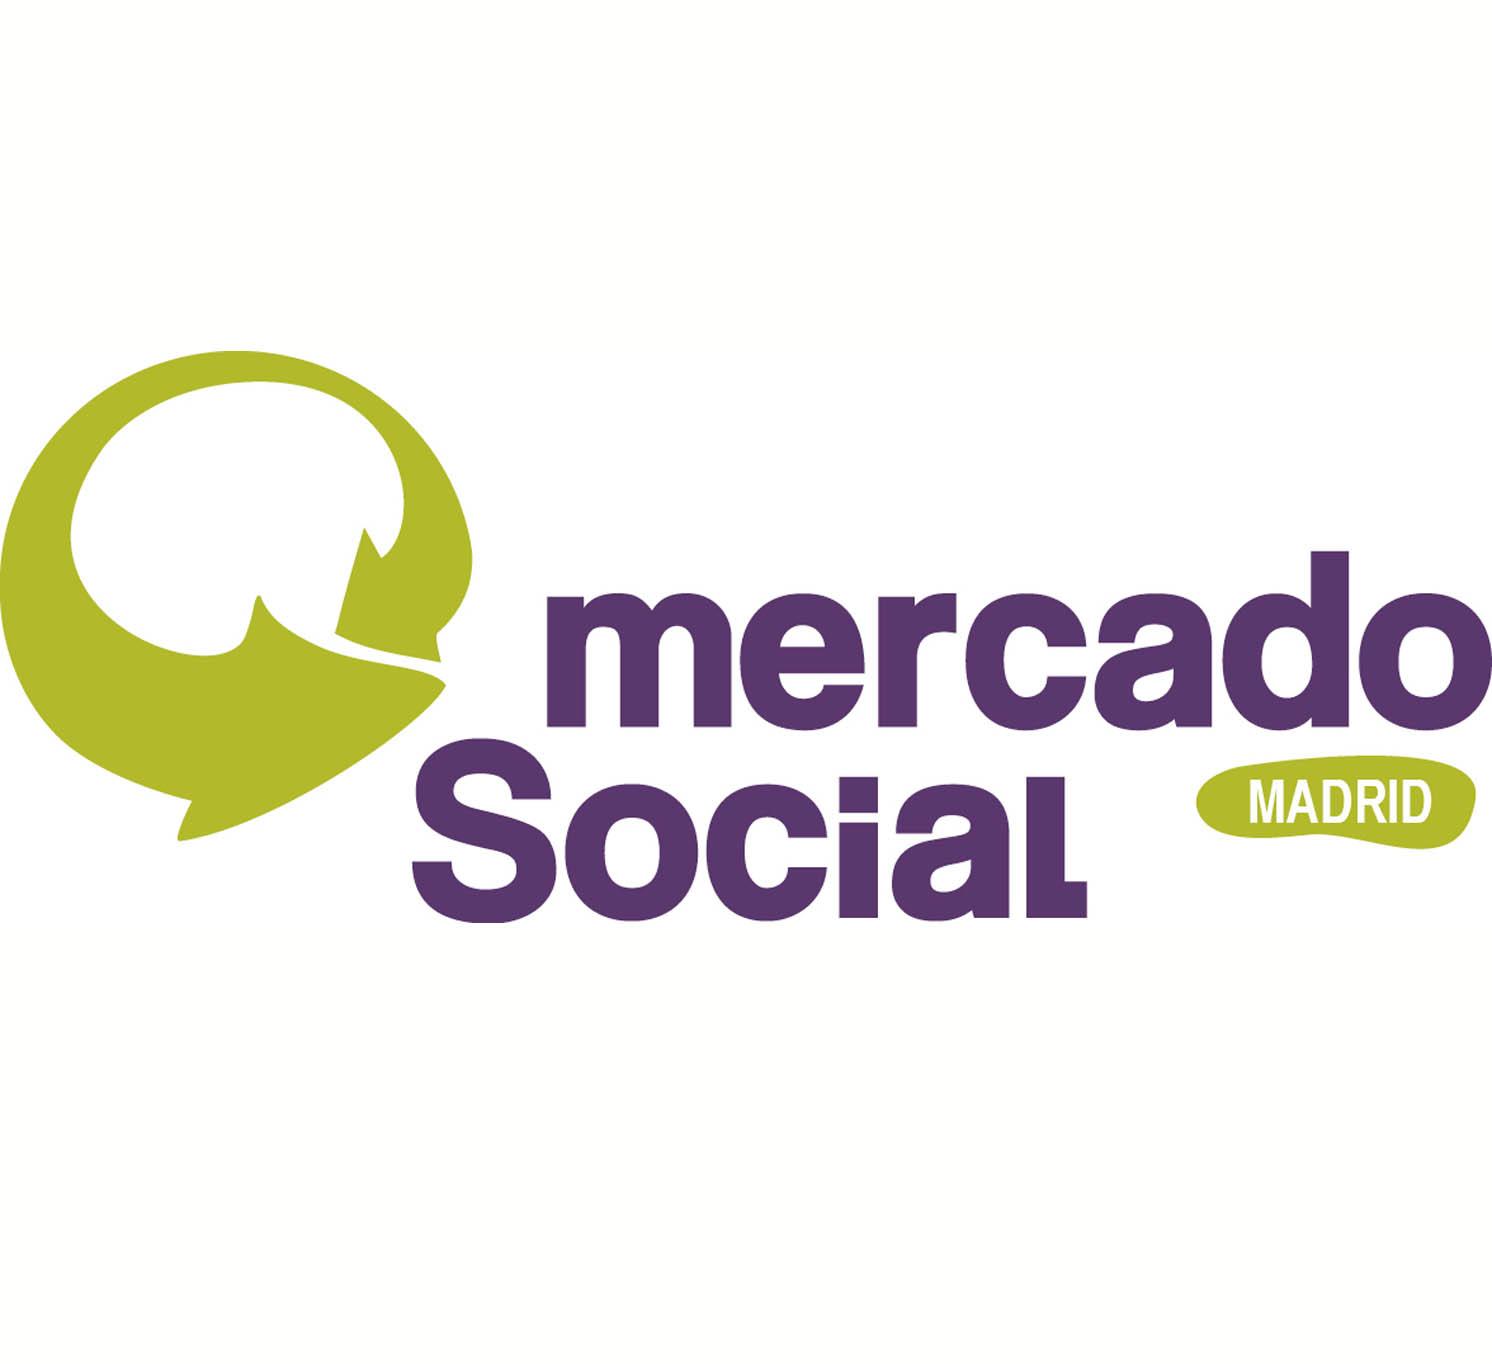 MercadoSocial_Madrid_noticias